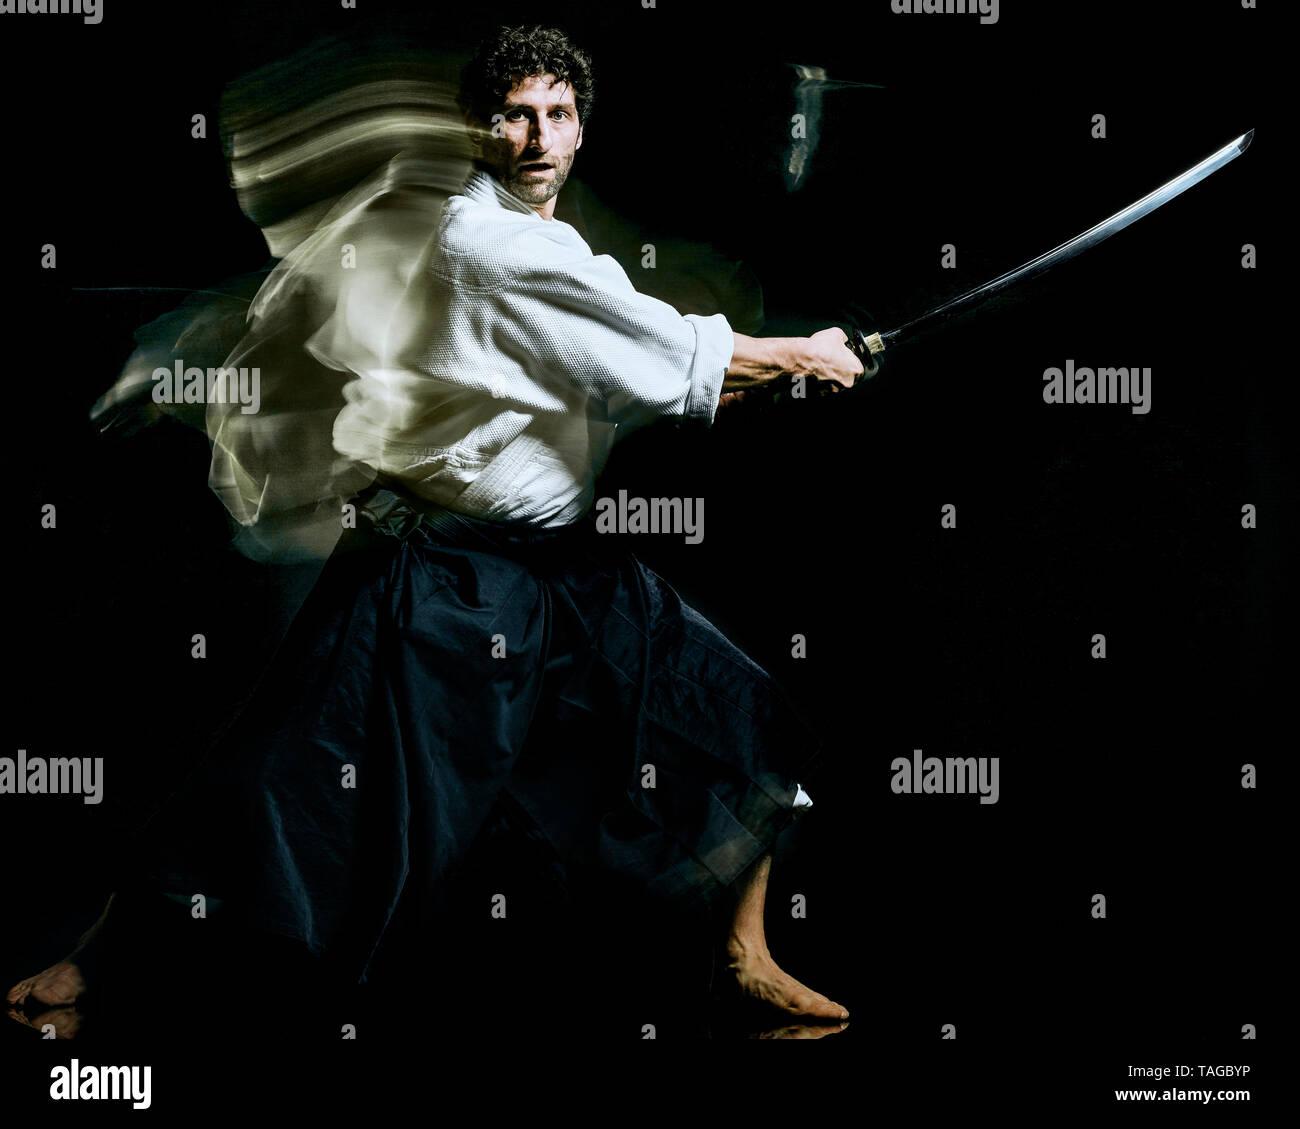 Iaido Stock Photos & Iaido Stock Images - Alamy